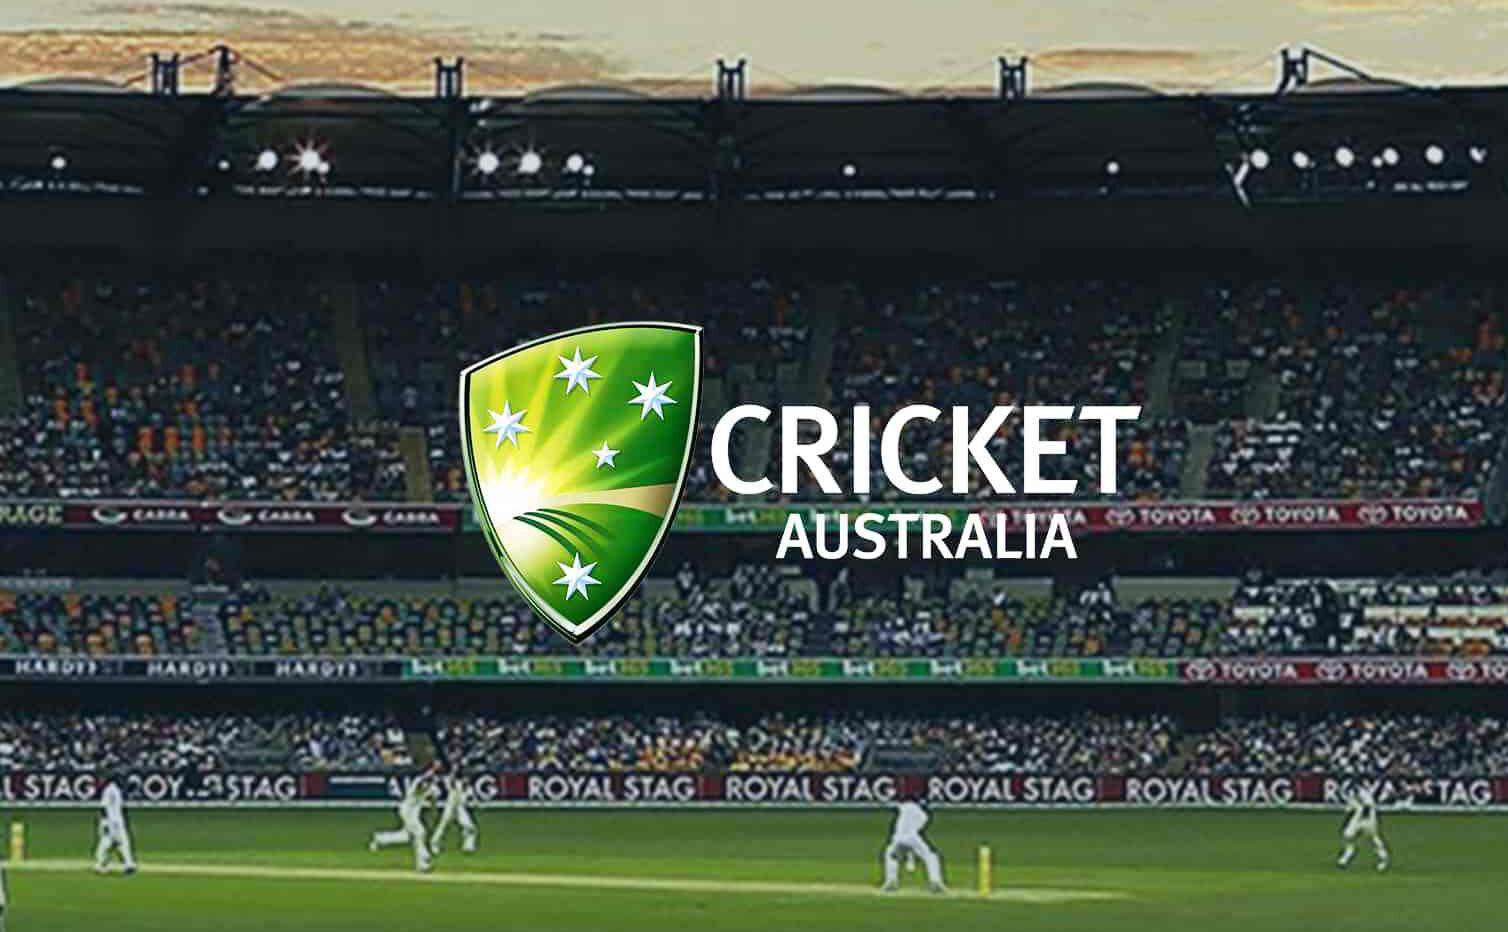 अर्ल एडिंग्स ने क्रिकेट ऑस्ट्रेलिया का अध्यक्ष पद छोड़ा, बोर्ड के नवीनीकरण और दूसरों को मौका देने लिया फैसला